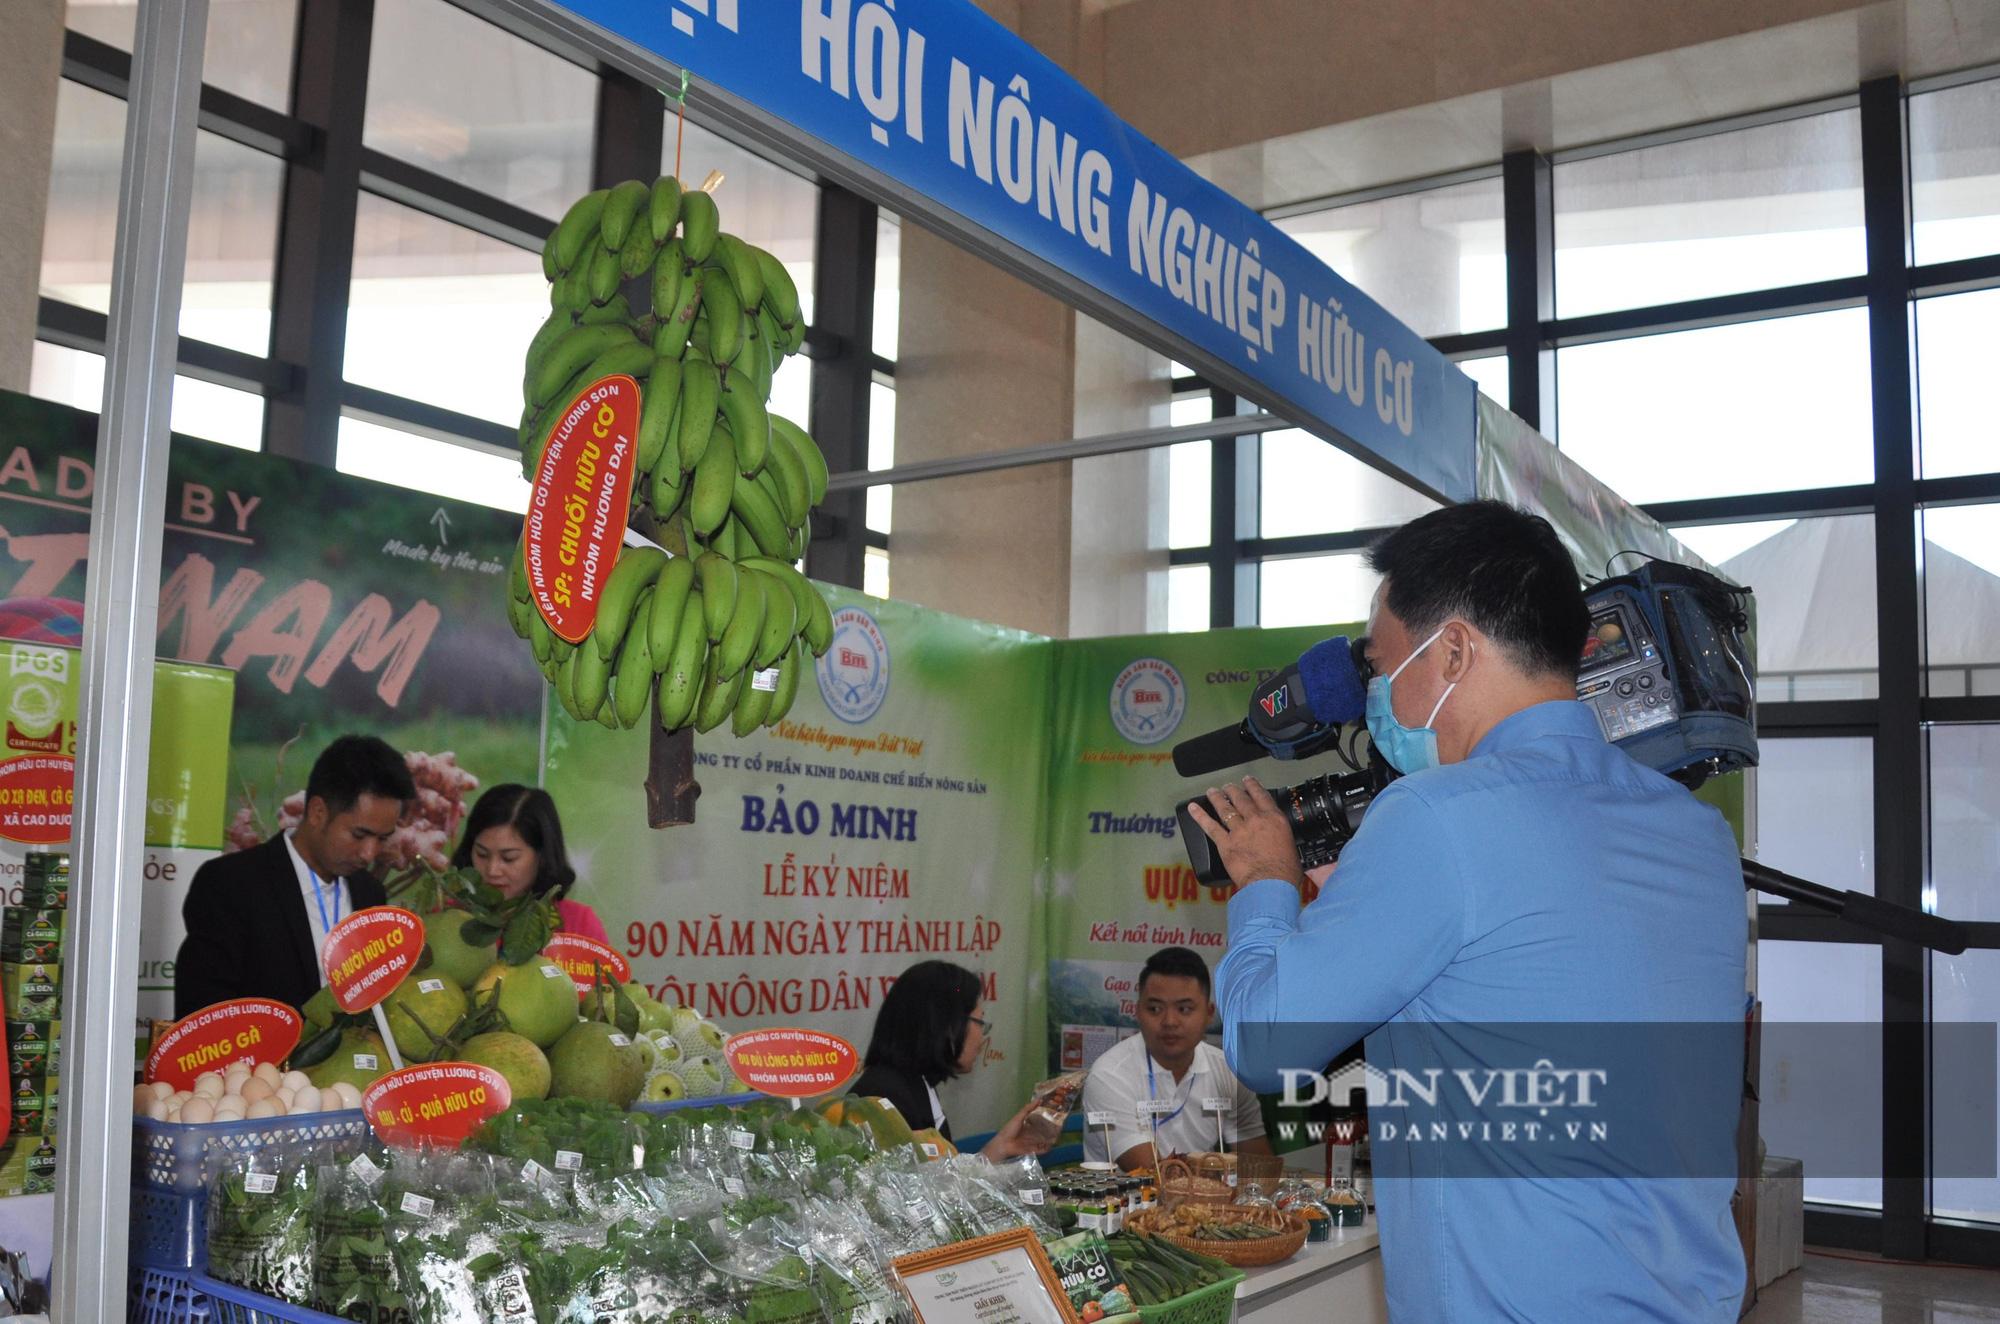 Thủ tướng khen ngợi sản phẩm hữu cơ độc đáo tại Lễ kỷ niệm 90 năm ngày thành lập Hội Nông dân Việt Nam - Ảnh 6.